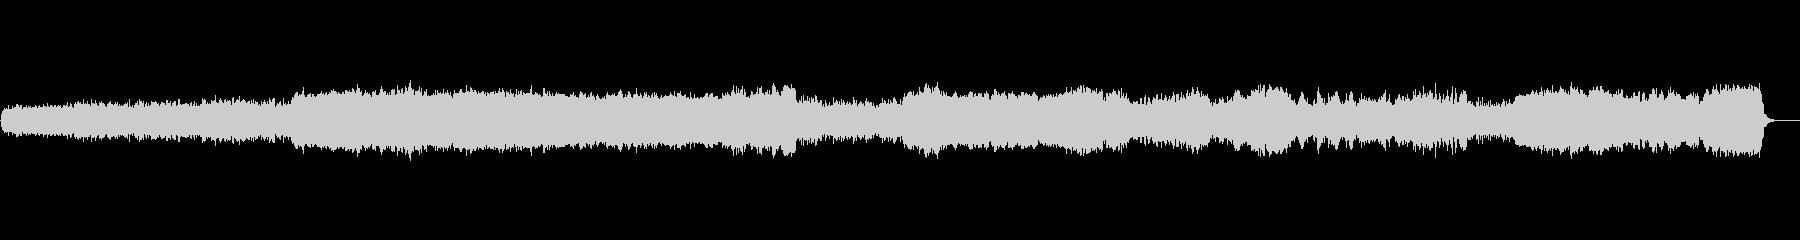 バッハのオルガン曲の未再生の波形